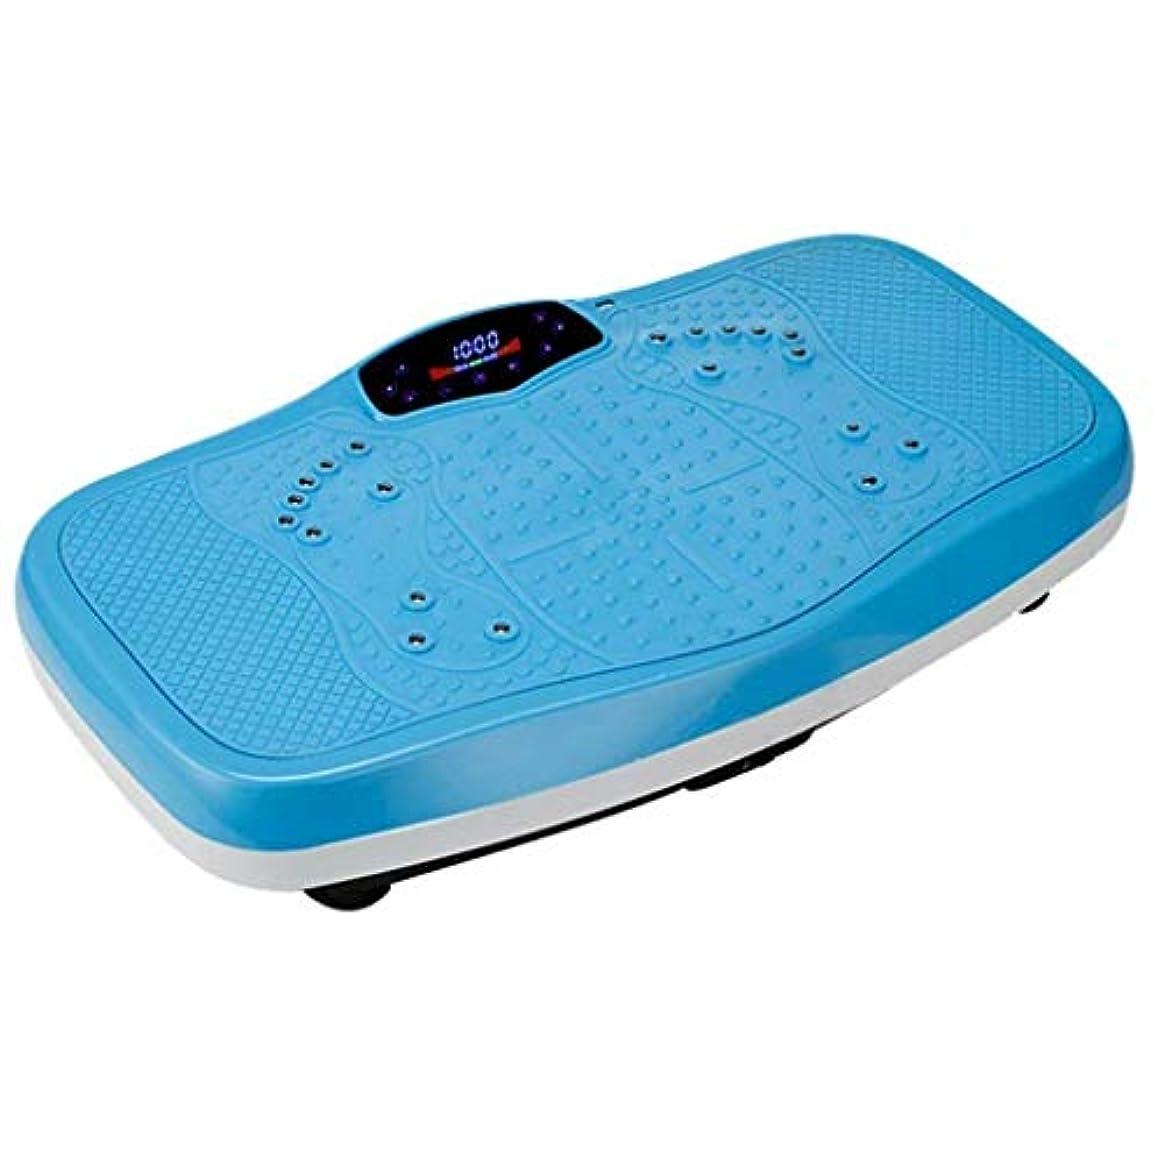 星偽装する華氏減量機、運動振動フィットネス形状体重減量機、Bluetoothスピーカー、家族/ジムに適し、ホームオフィス減量 (Color : 青)